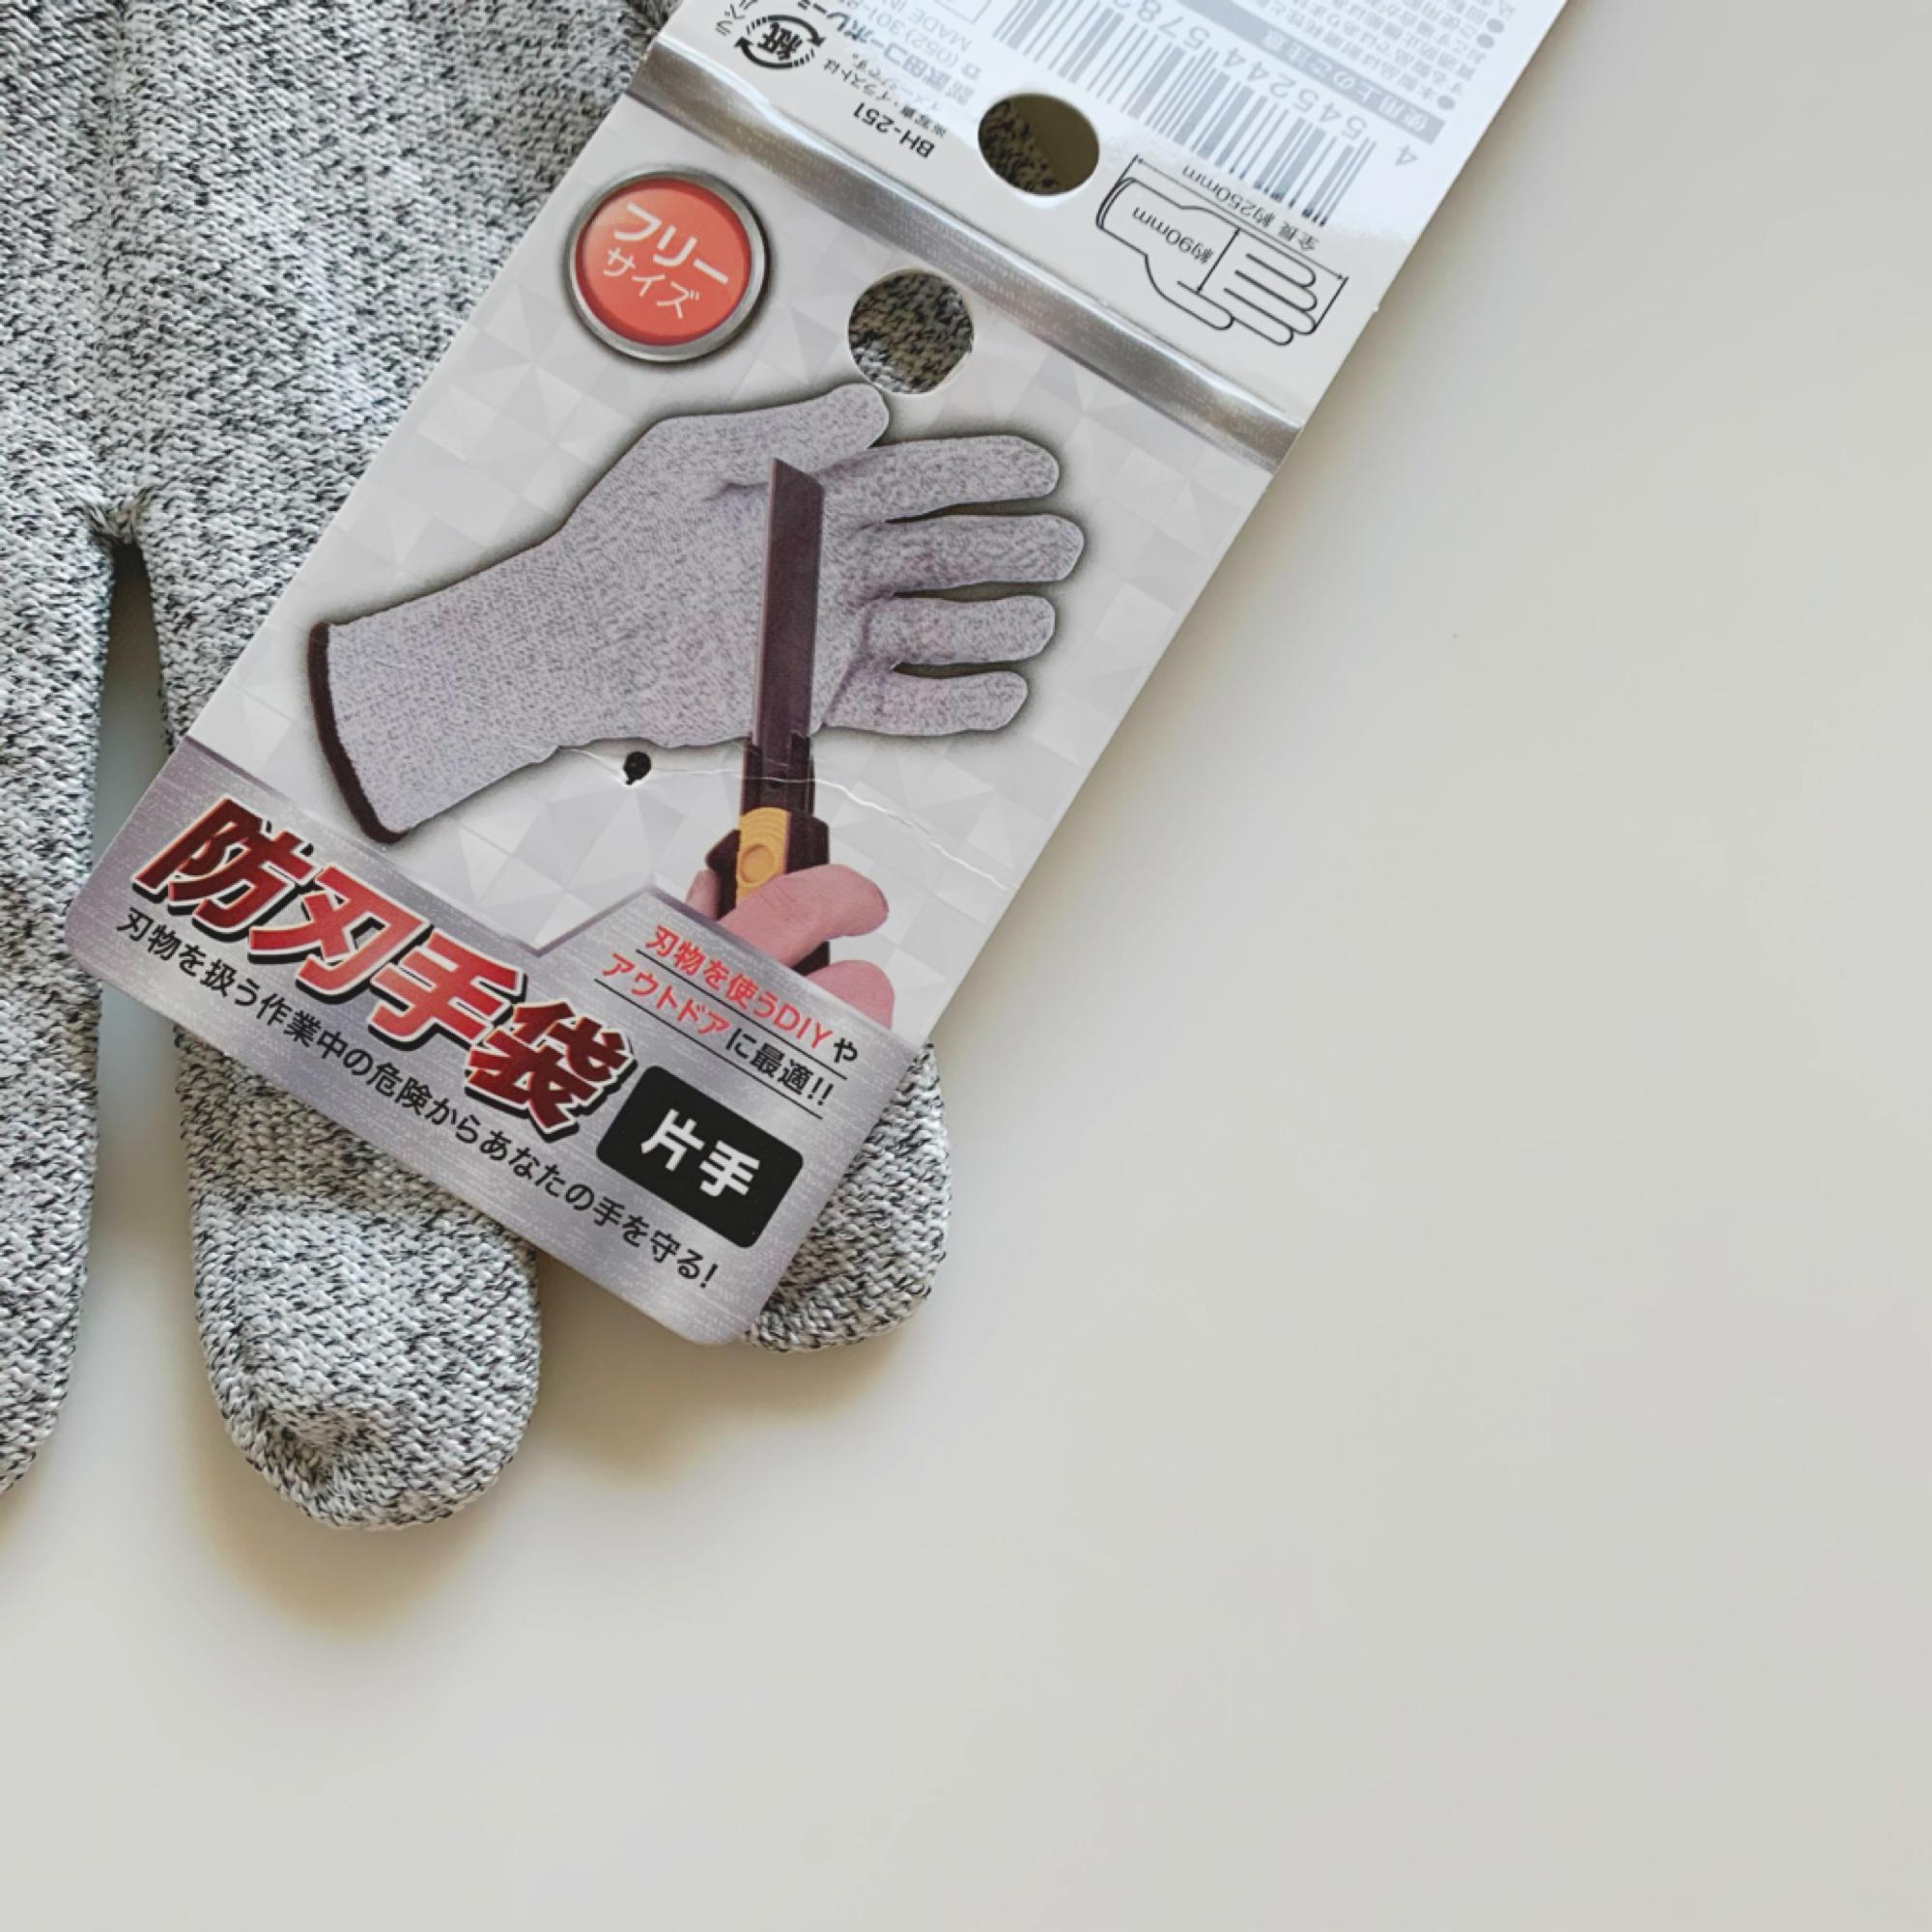 防刃手袋のタグ。